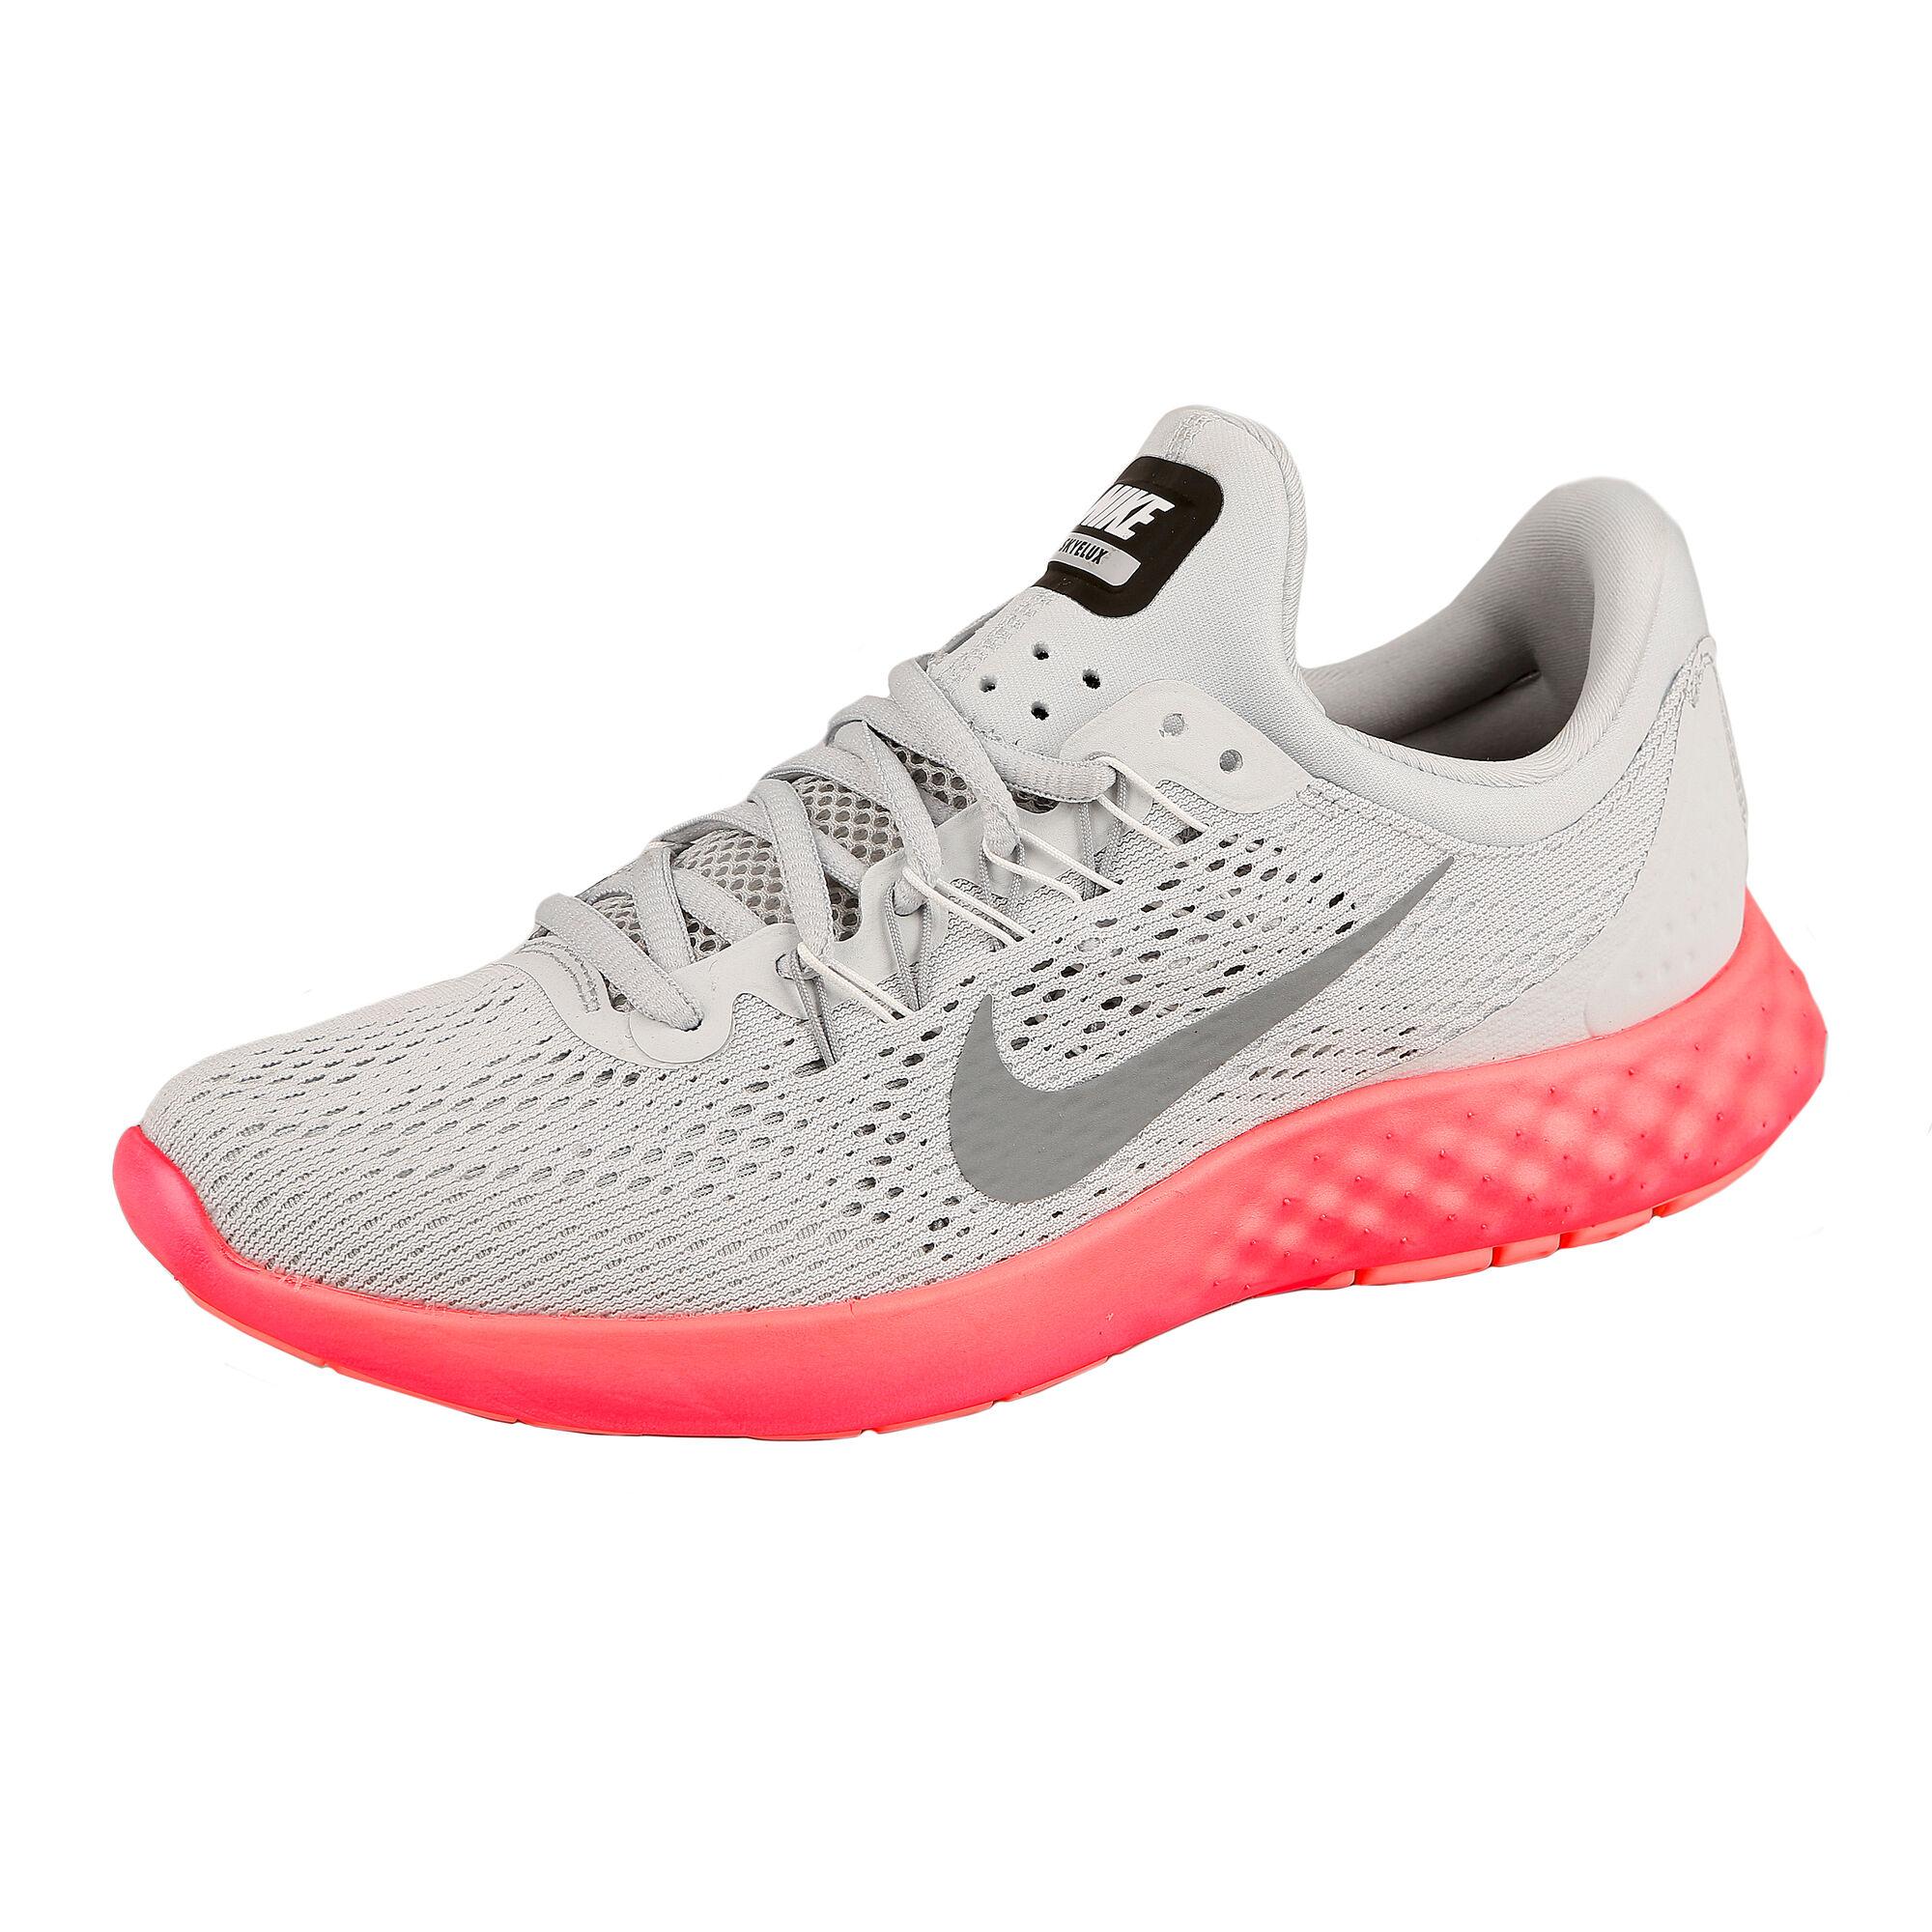 online retailer 2a8a9 8b1cf Nike Lunar Skyelux Neutralschuh Damen - Weiß, Orange online kaufen ...